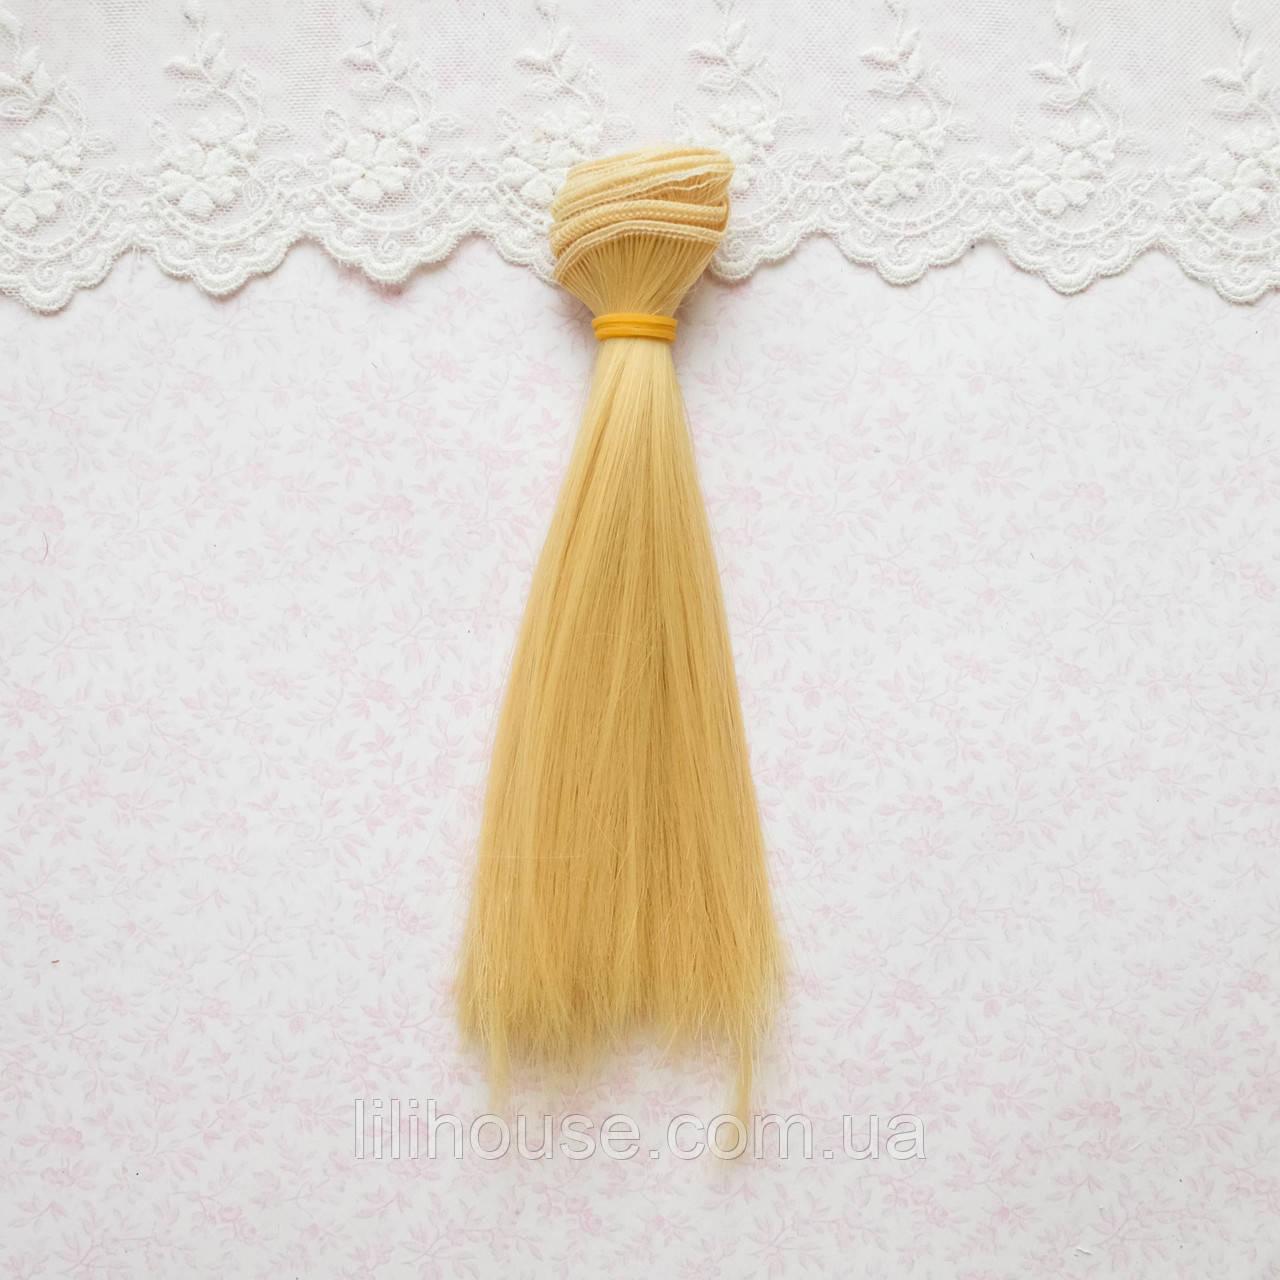 Волосы для кукол в трессах, солнечный блонд - 15 см